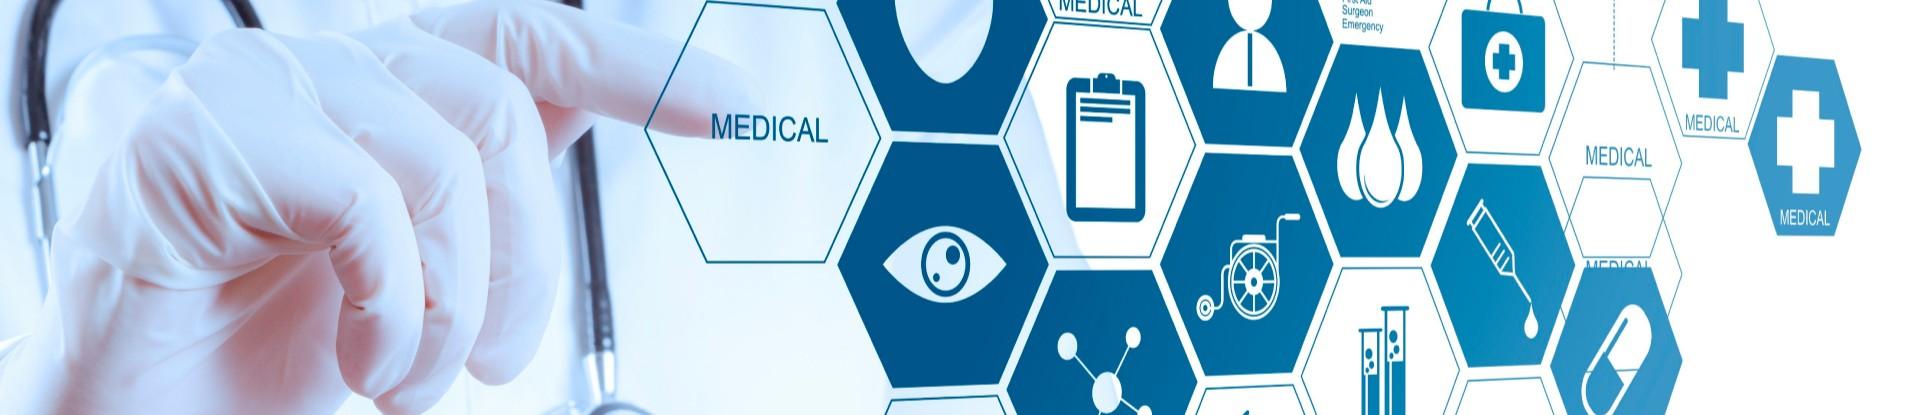 Карта медицинского консьержа